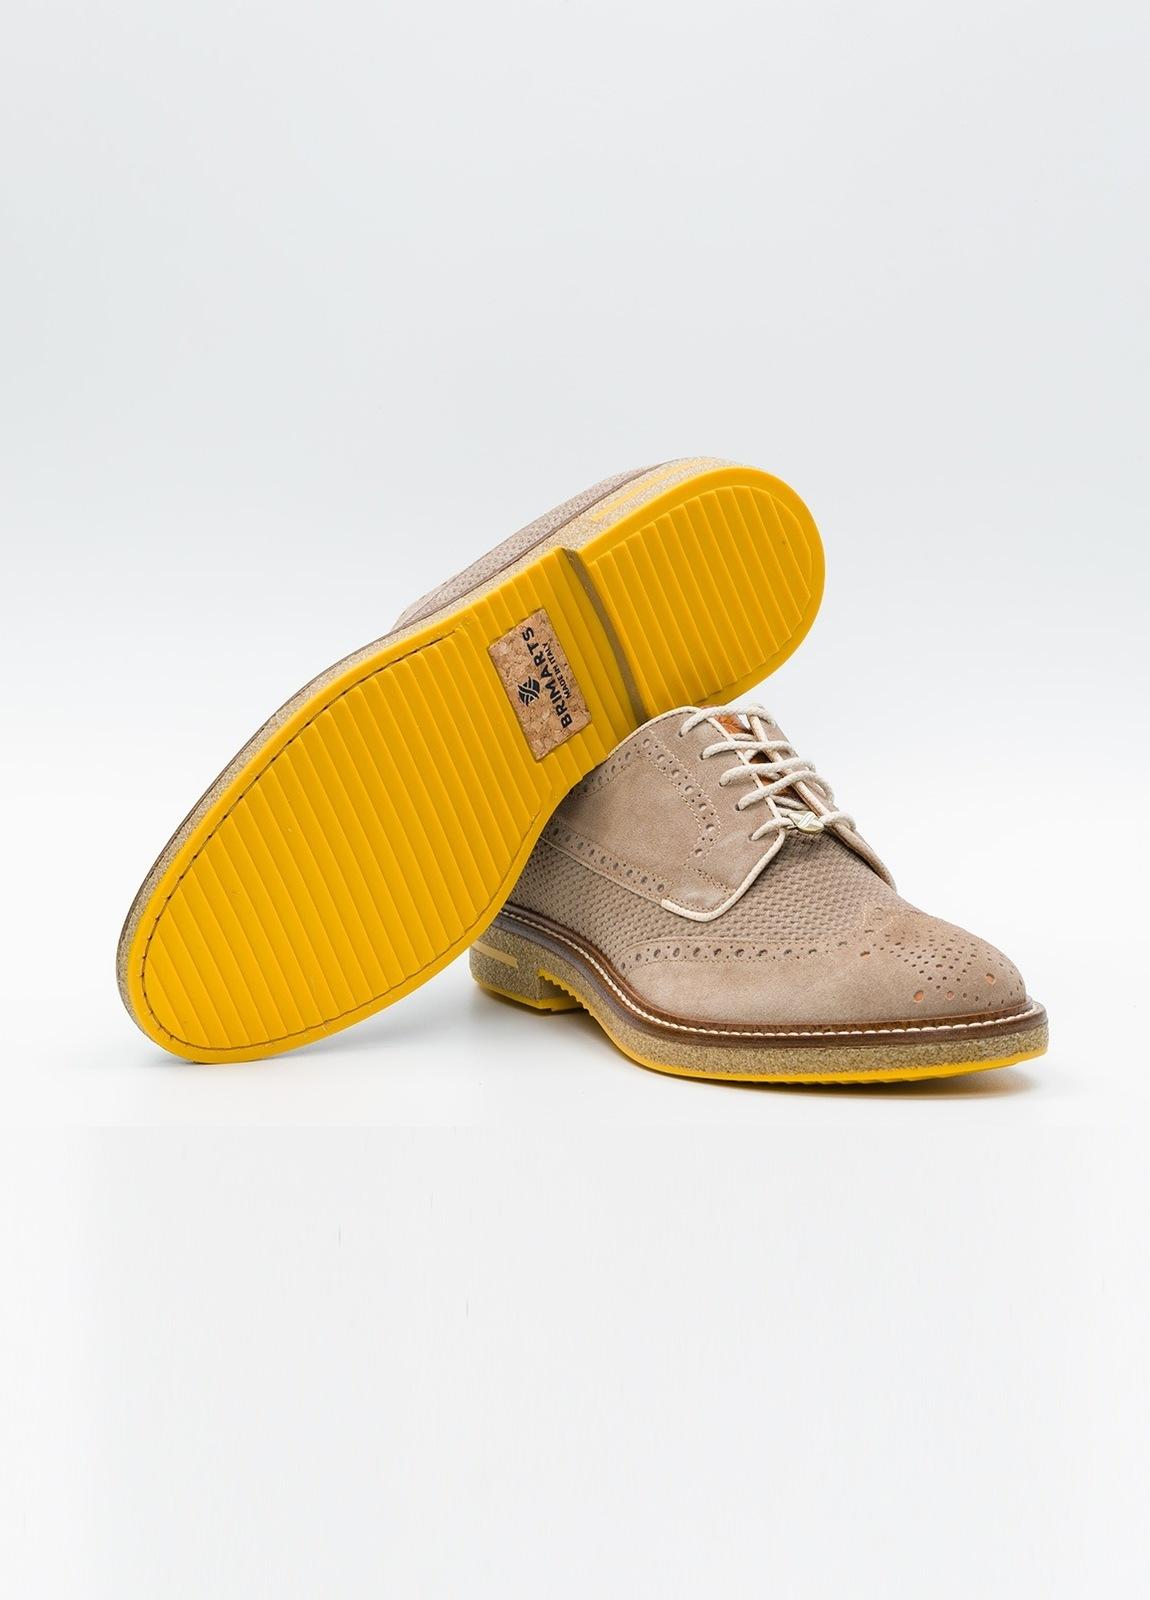 Zapato Formal Wear color beige suela amarilla, 100% Ante. - Ítem2